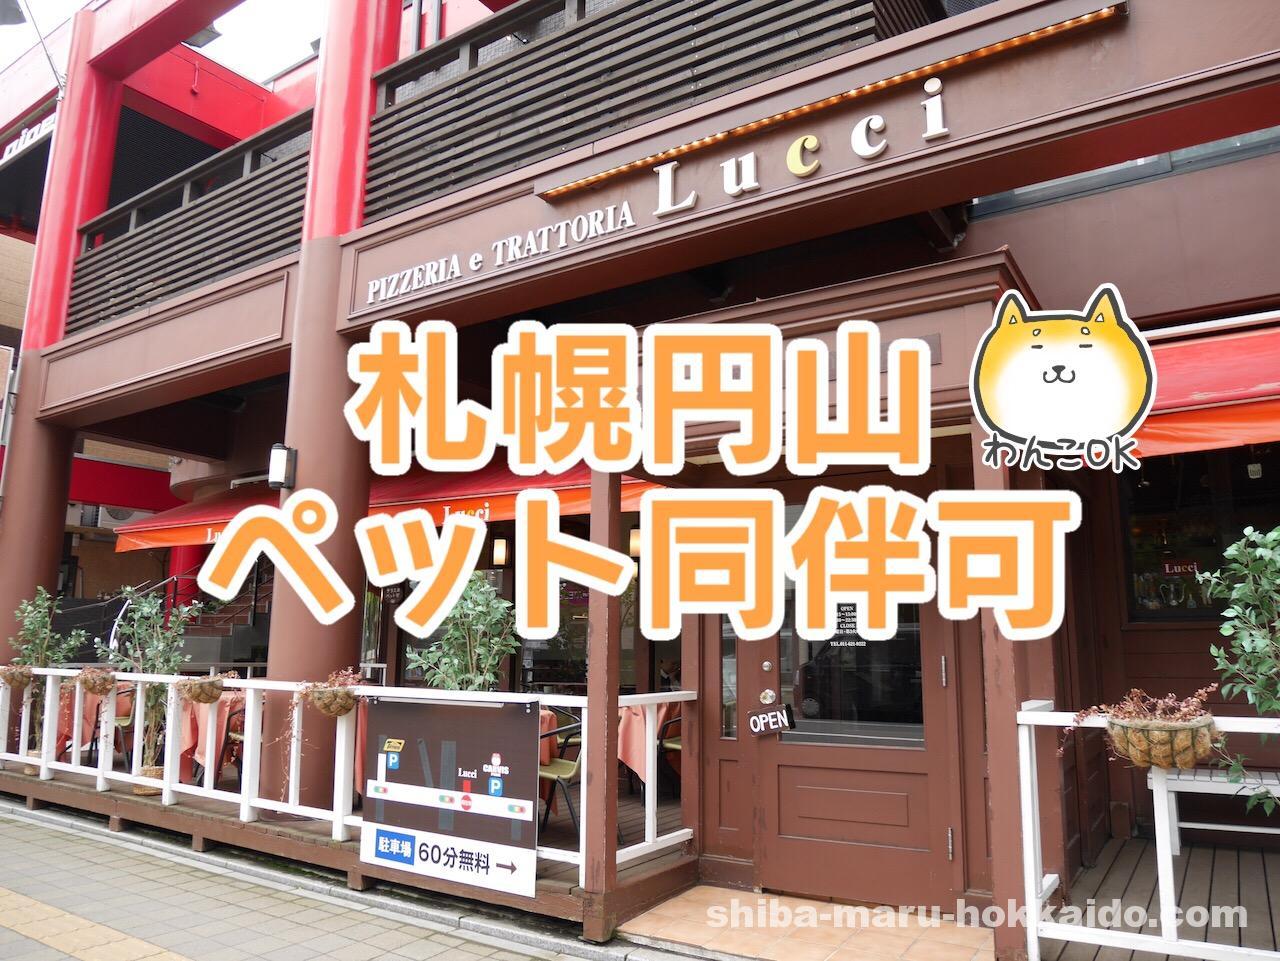 札幌円山で愛犬と本場ナポリピッツァが食べられるLucci(ルッチ)にいってきた!